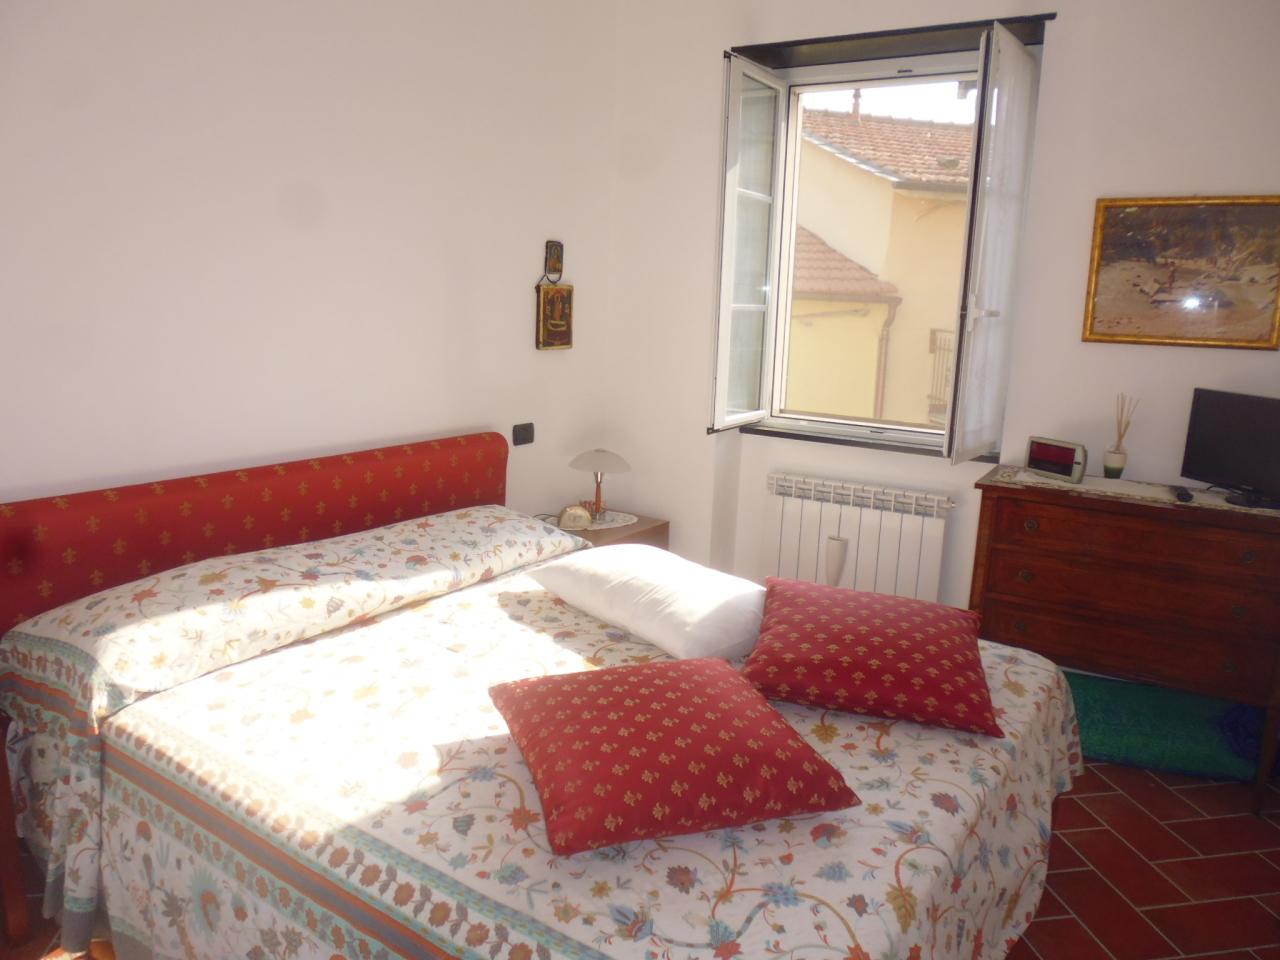 Soluzione Semindipendente in vendita a Castiglione Chiavarese, 6 locali, prezzo € 180.000   CambioCasa.it